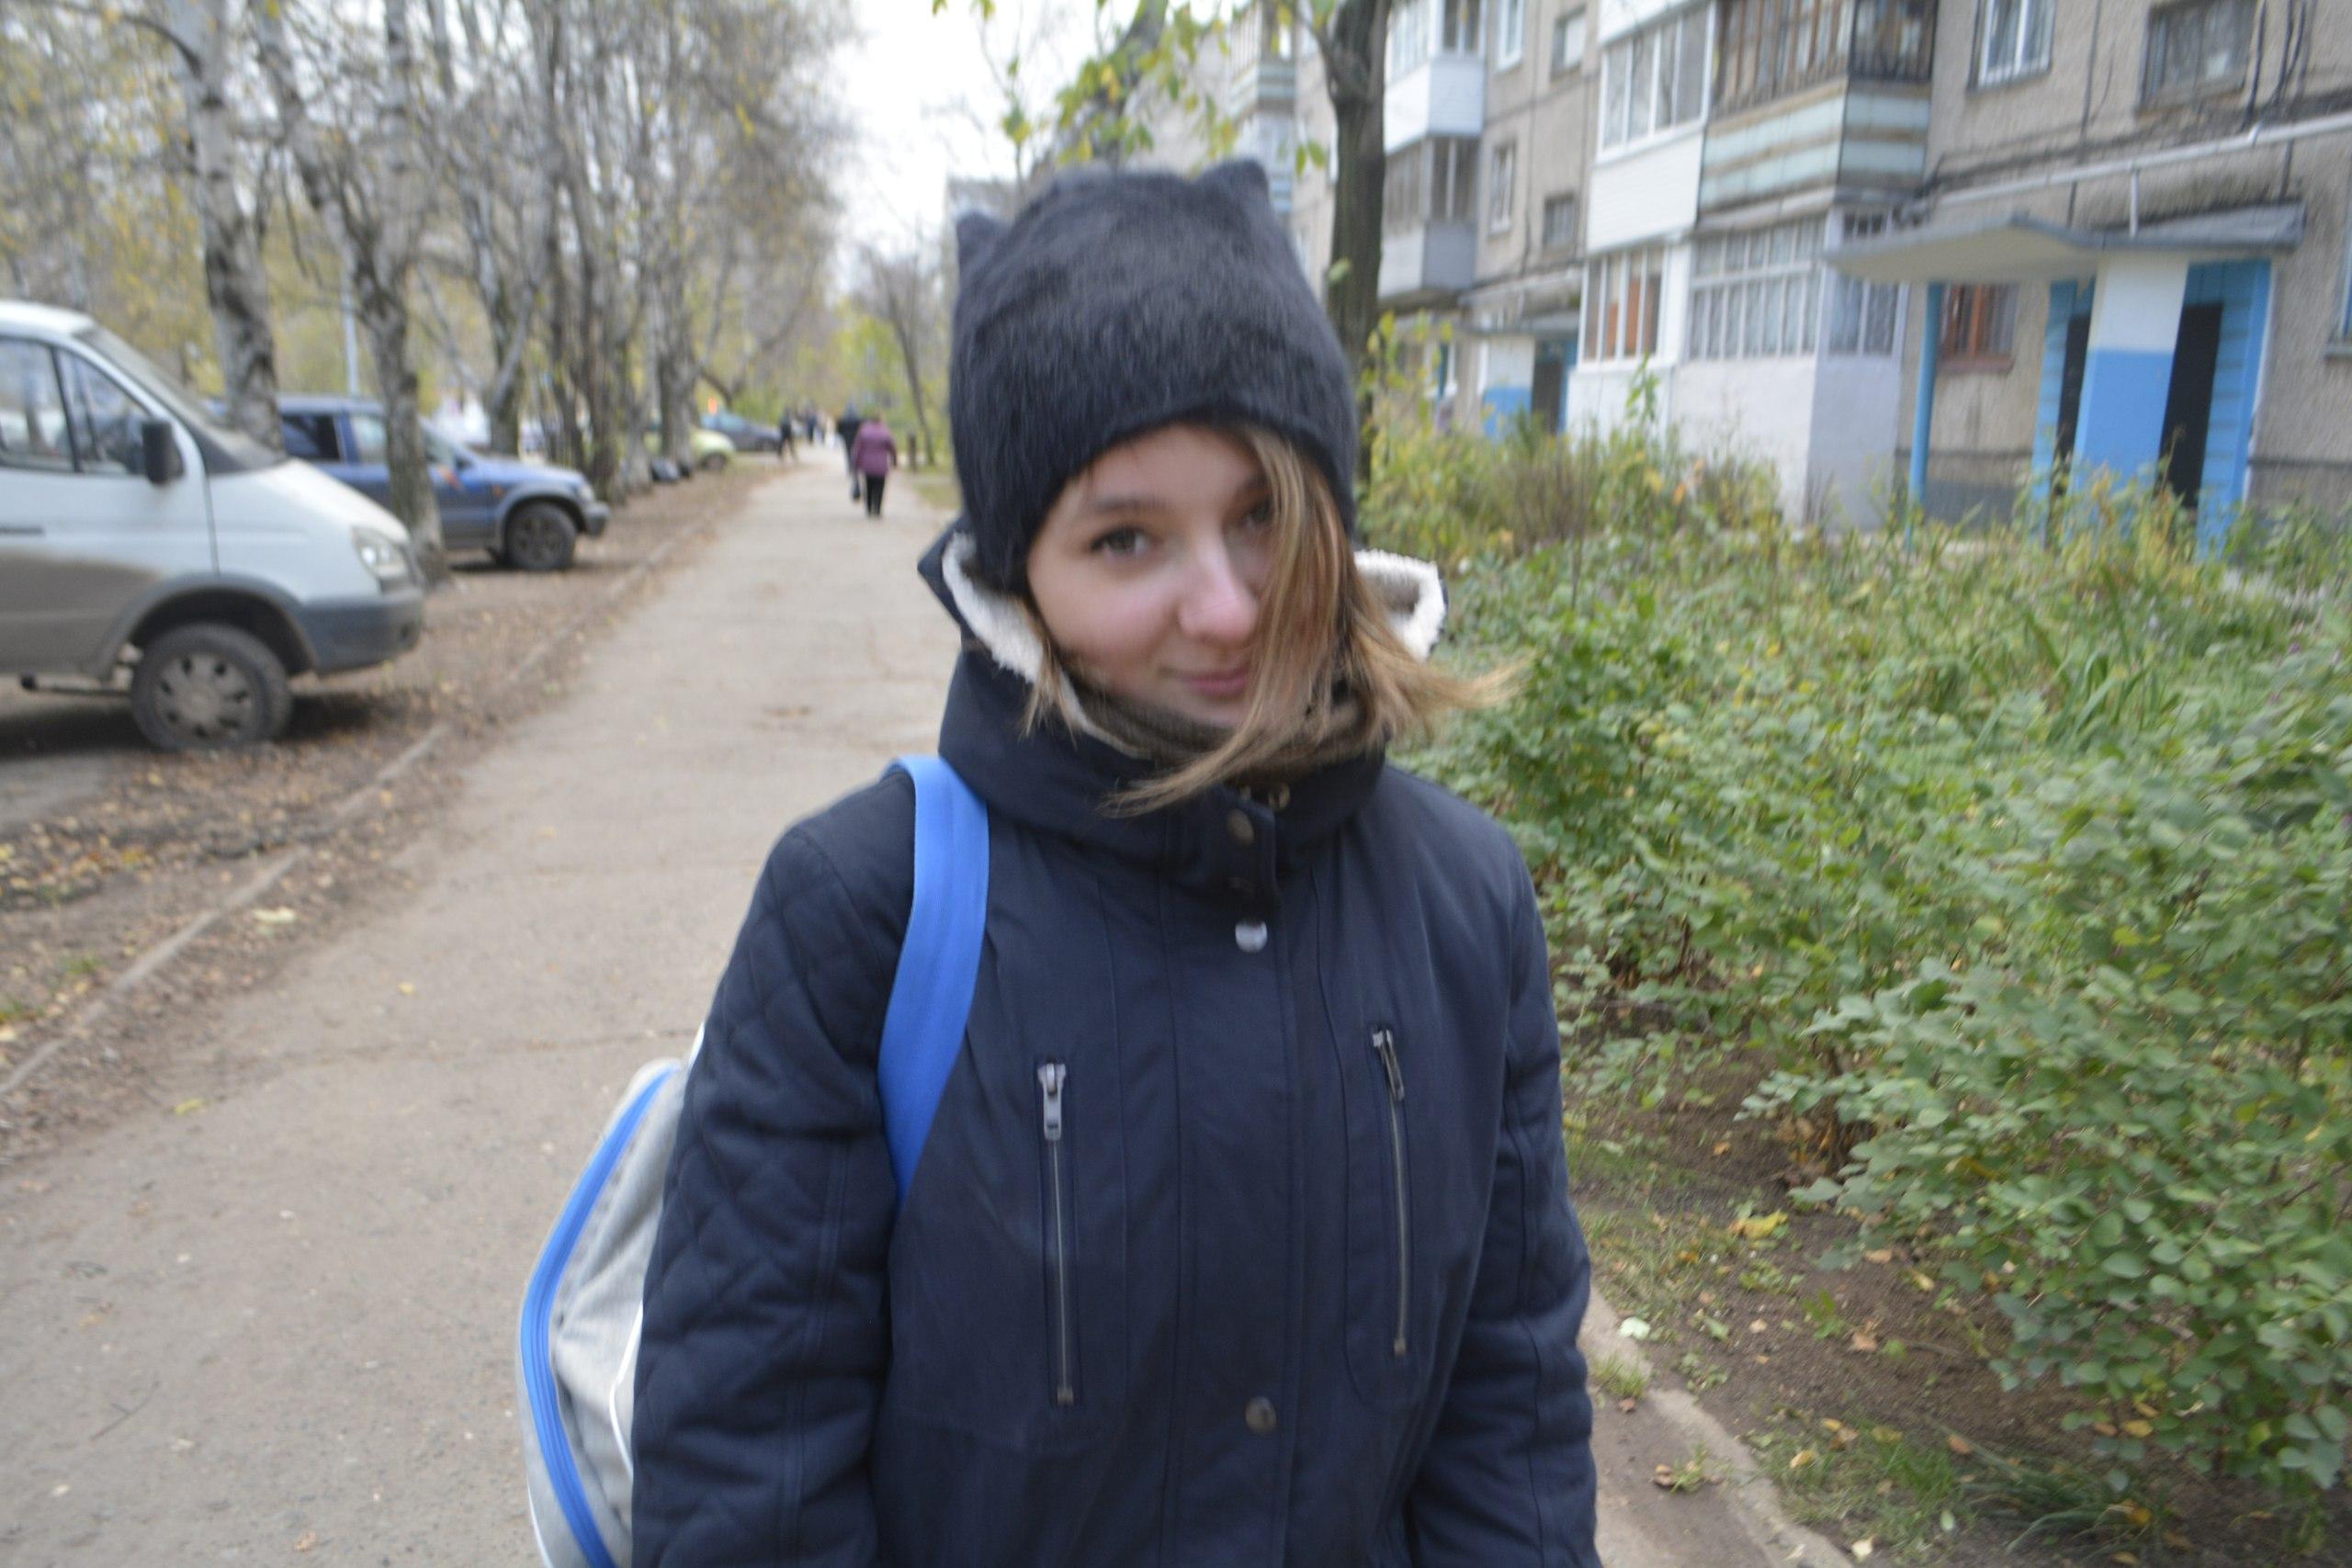 Фото одной и тоже девушке красивой с именем брюнетка 16 фотография